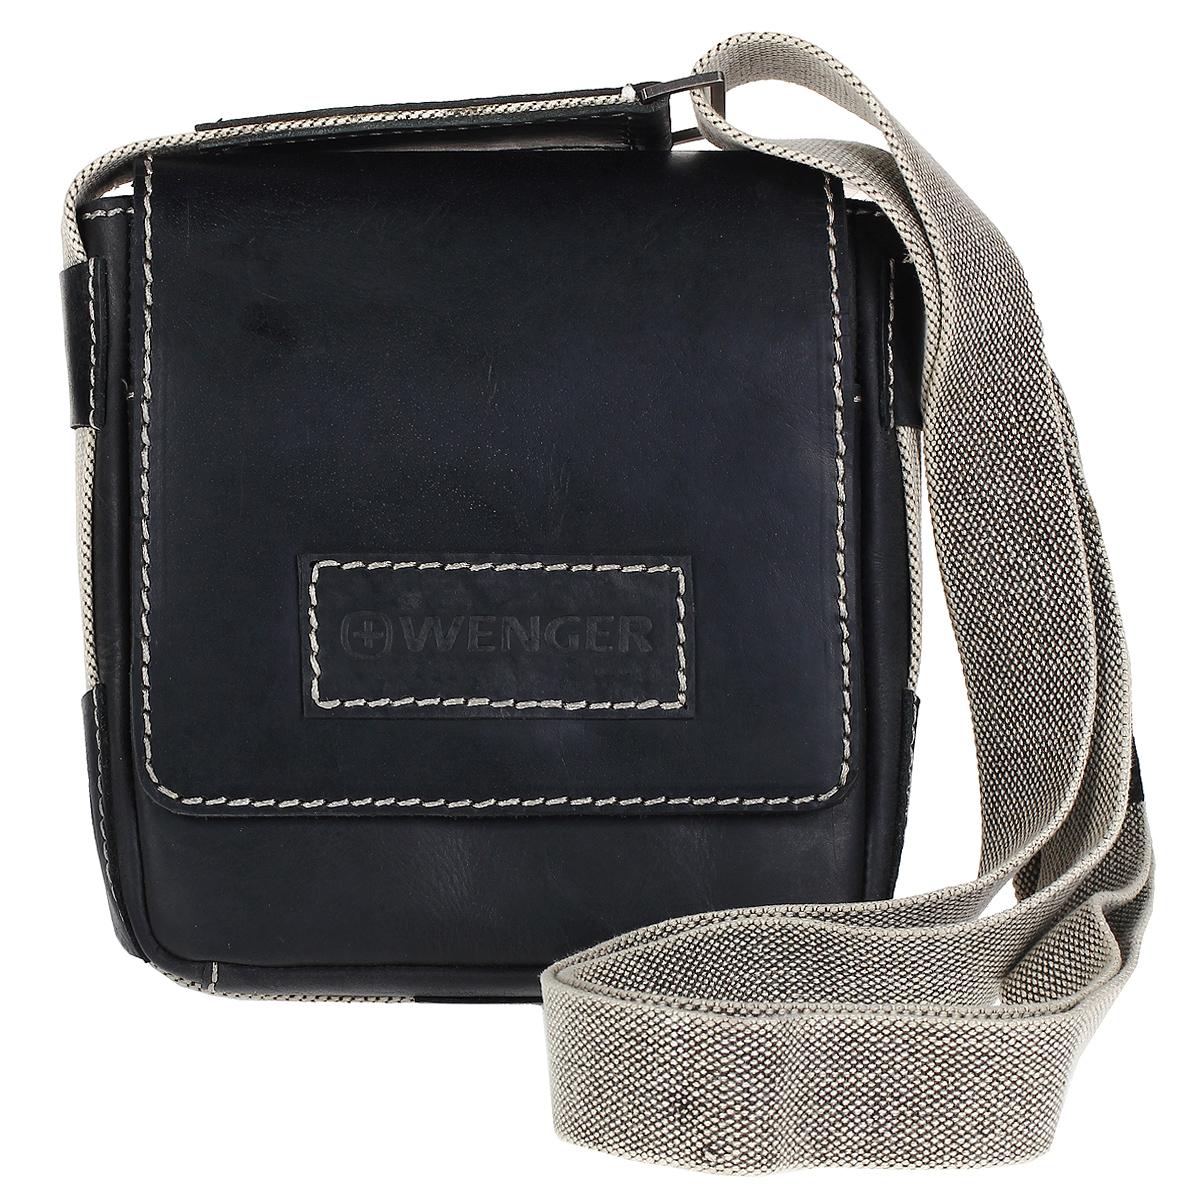 Сумка-планшет Wenger Arizona, цвет: серый. W23-03BlW23-03BlМужская сумка-планшет Wenger Arizona изготовлена из высококачественной воловьей натуральной кожи серого цвета. Кожа серии Arizona (коровья кожа) имеет потертый внешний вид, что делает ее уникальной и создает специфический эффект старины. Сумка по всей поверхности оформлена стежками светло-серого цвета. Сумка имеет одно основное отделение, которое закрывается клапаном на магнитную кнопку. Внутри содержится два накладных кармашка, два держателя для ручек, вшитый карман на молнии и 6 кармашков для пластиковых карт или визиток. Внутренняя поверхность отделана полиэстером черного цвета. Под клапаном содержится открытый карман. С задней стороны сумки расположено дополнительное отделение на молнии. Изделие оснащено плечевым ремнем регулируемой длины из плотного полиэстера. Ремень снабжен вставкой для удобной переноски на плече. Такую сумку можно взять с собой куда угодно, начиная от работы или учебы, заканчивая деловой встречей или походом с друзьями в кино....